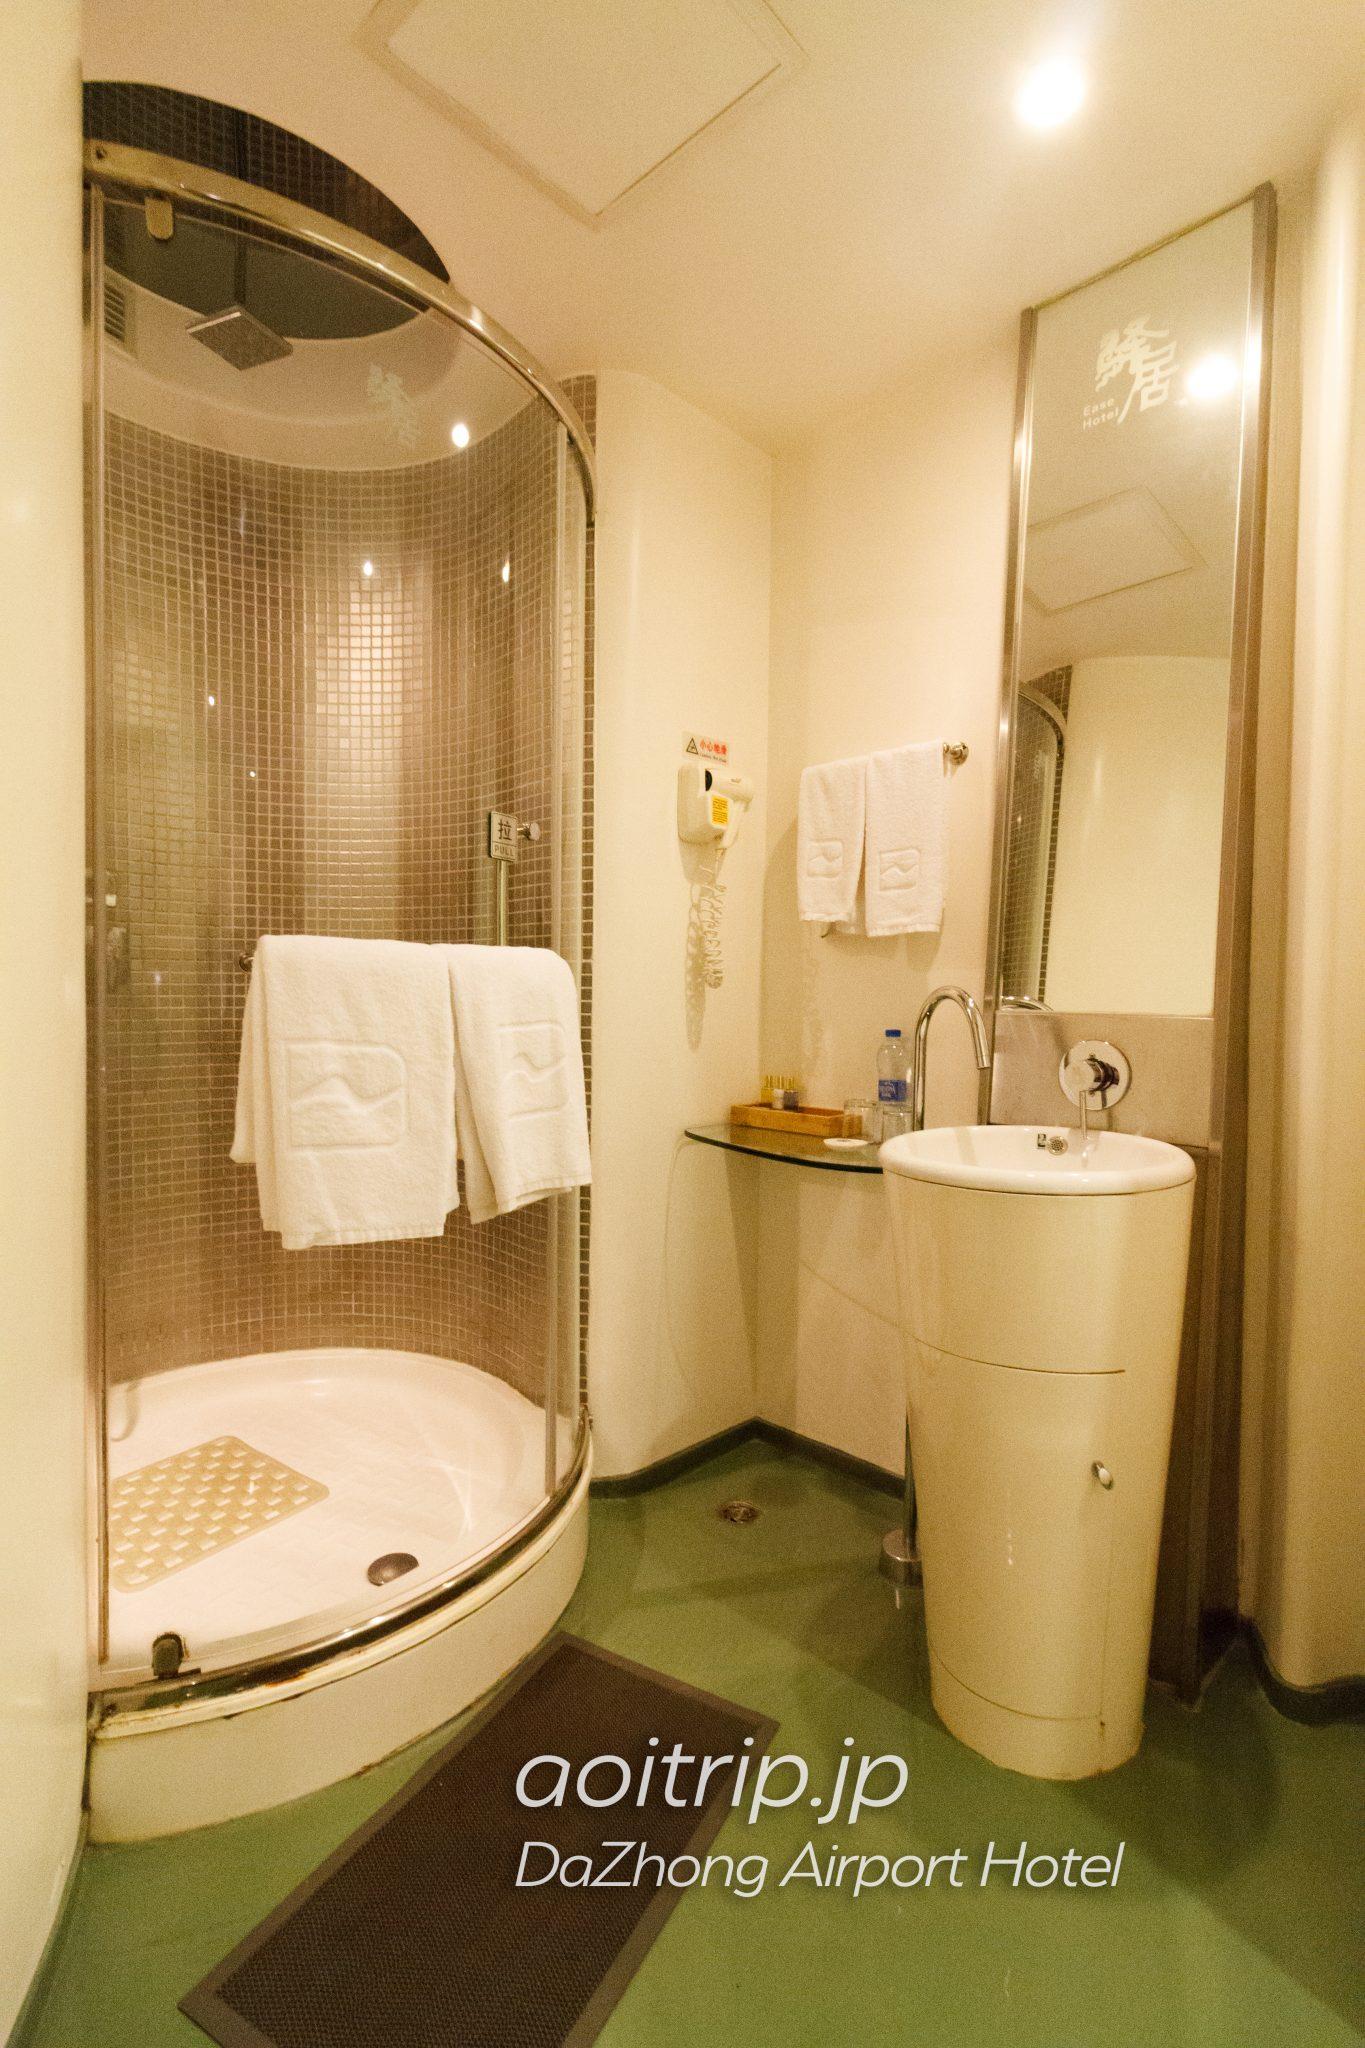 ダージョンエアポートホテル バスルーム